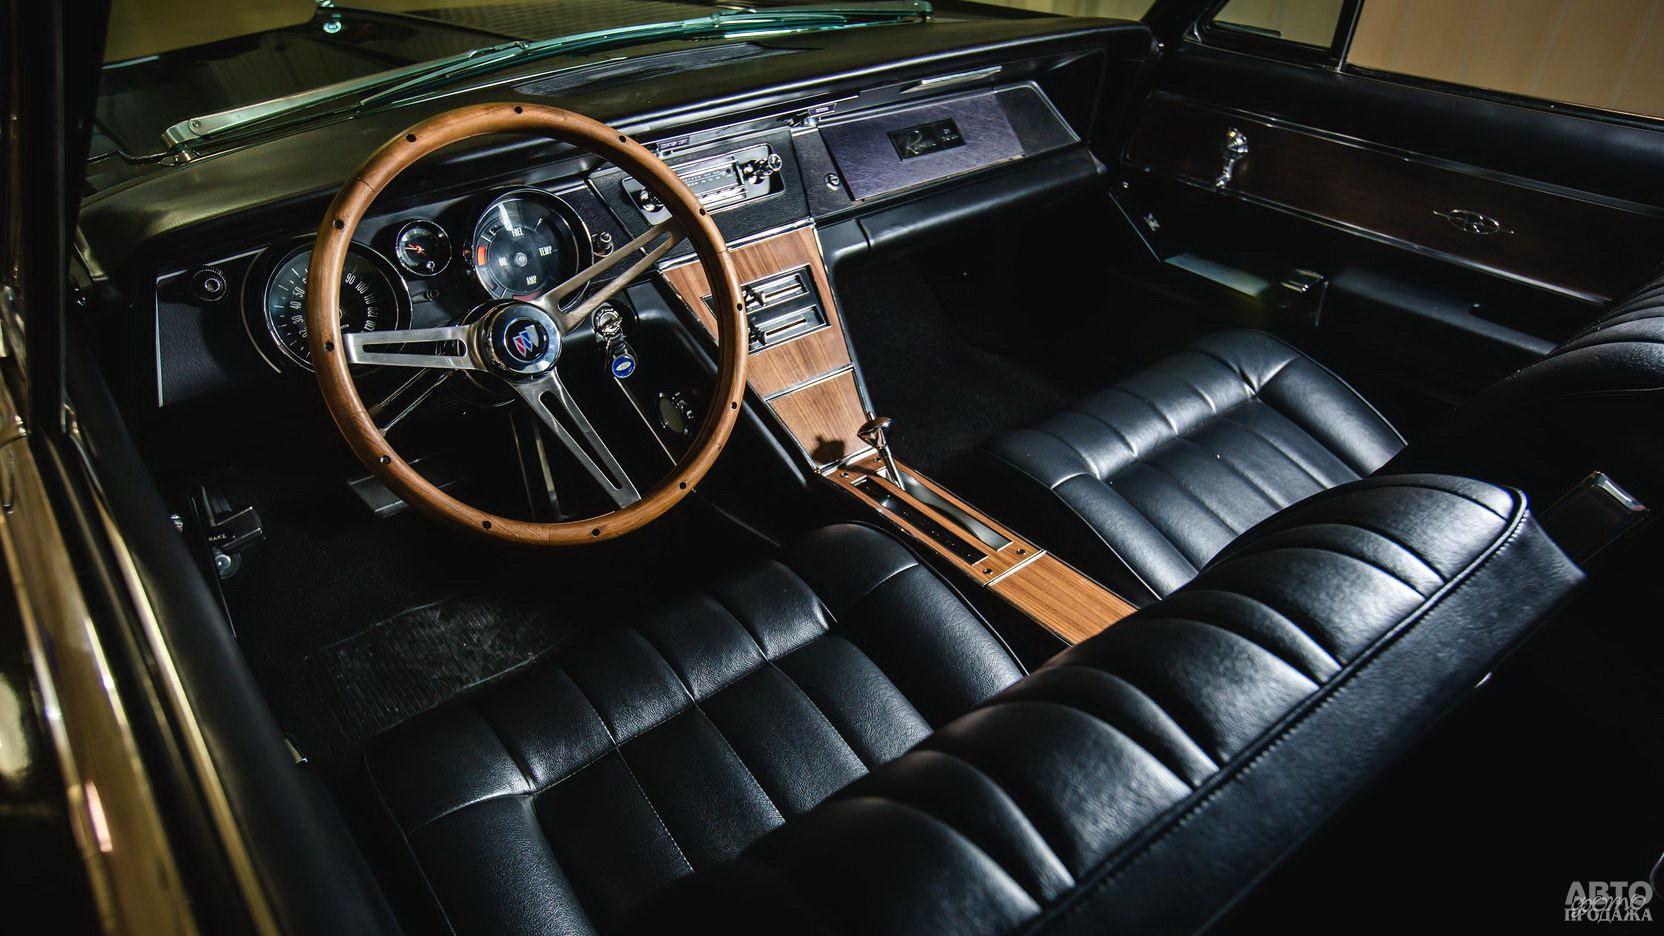 Наклоненная центральная консоль – редкость в автомобилях того времени